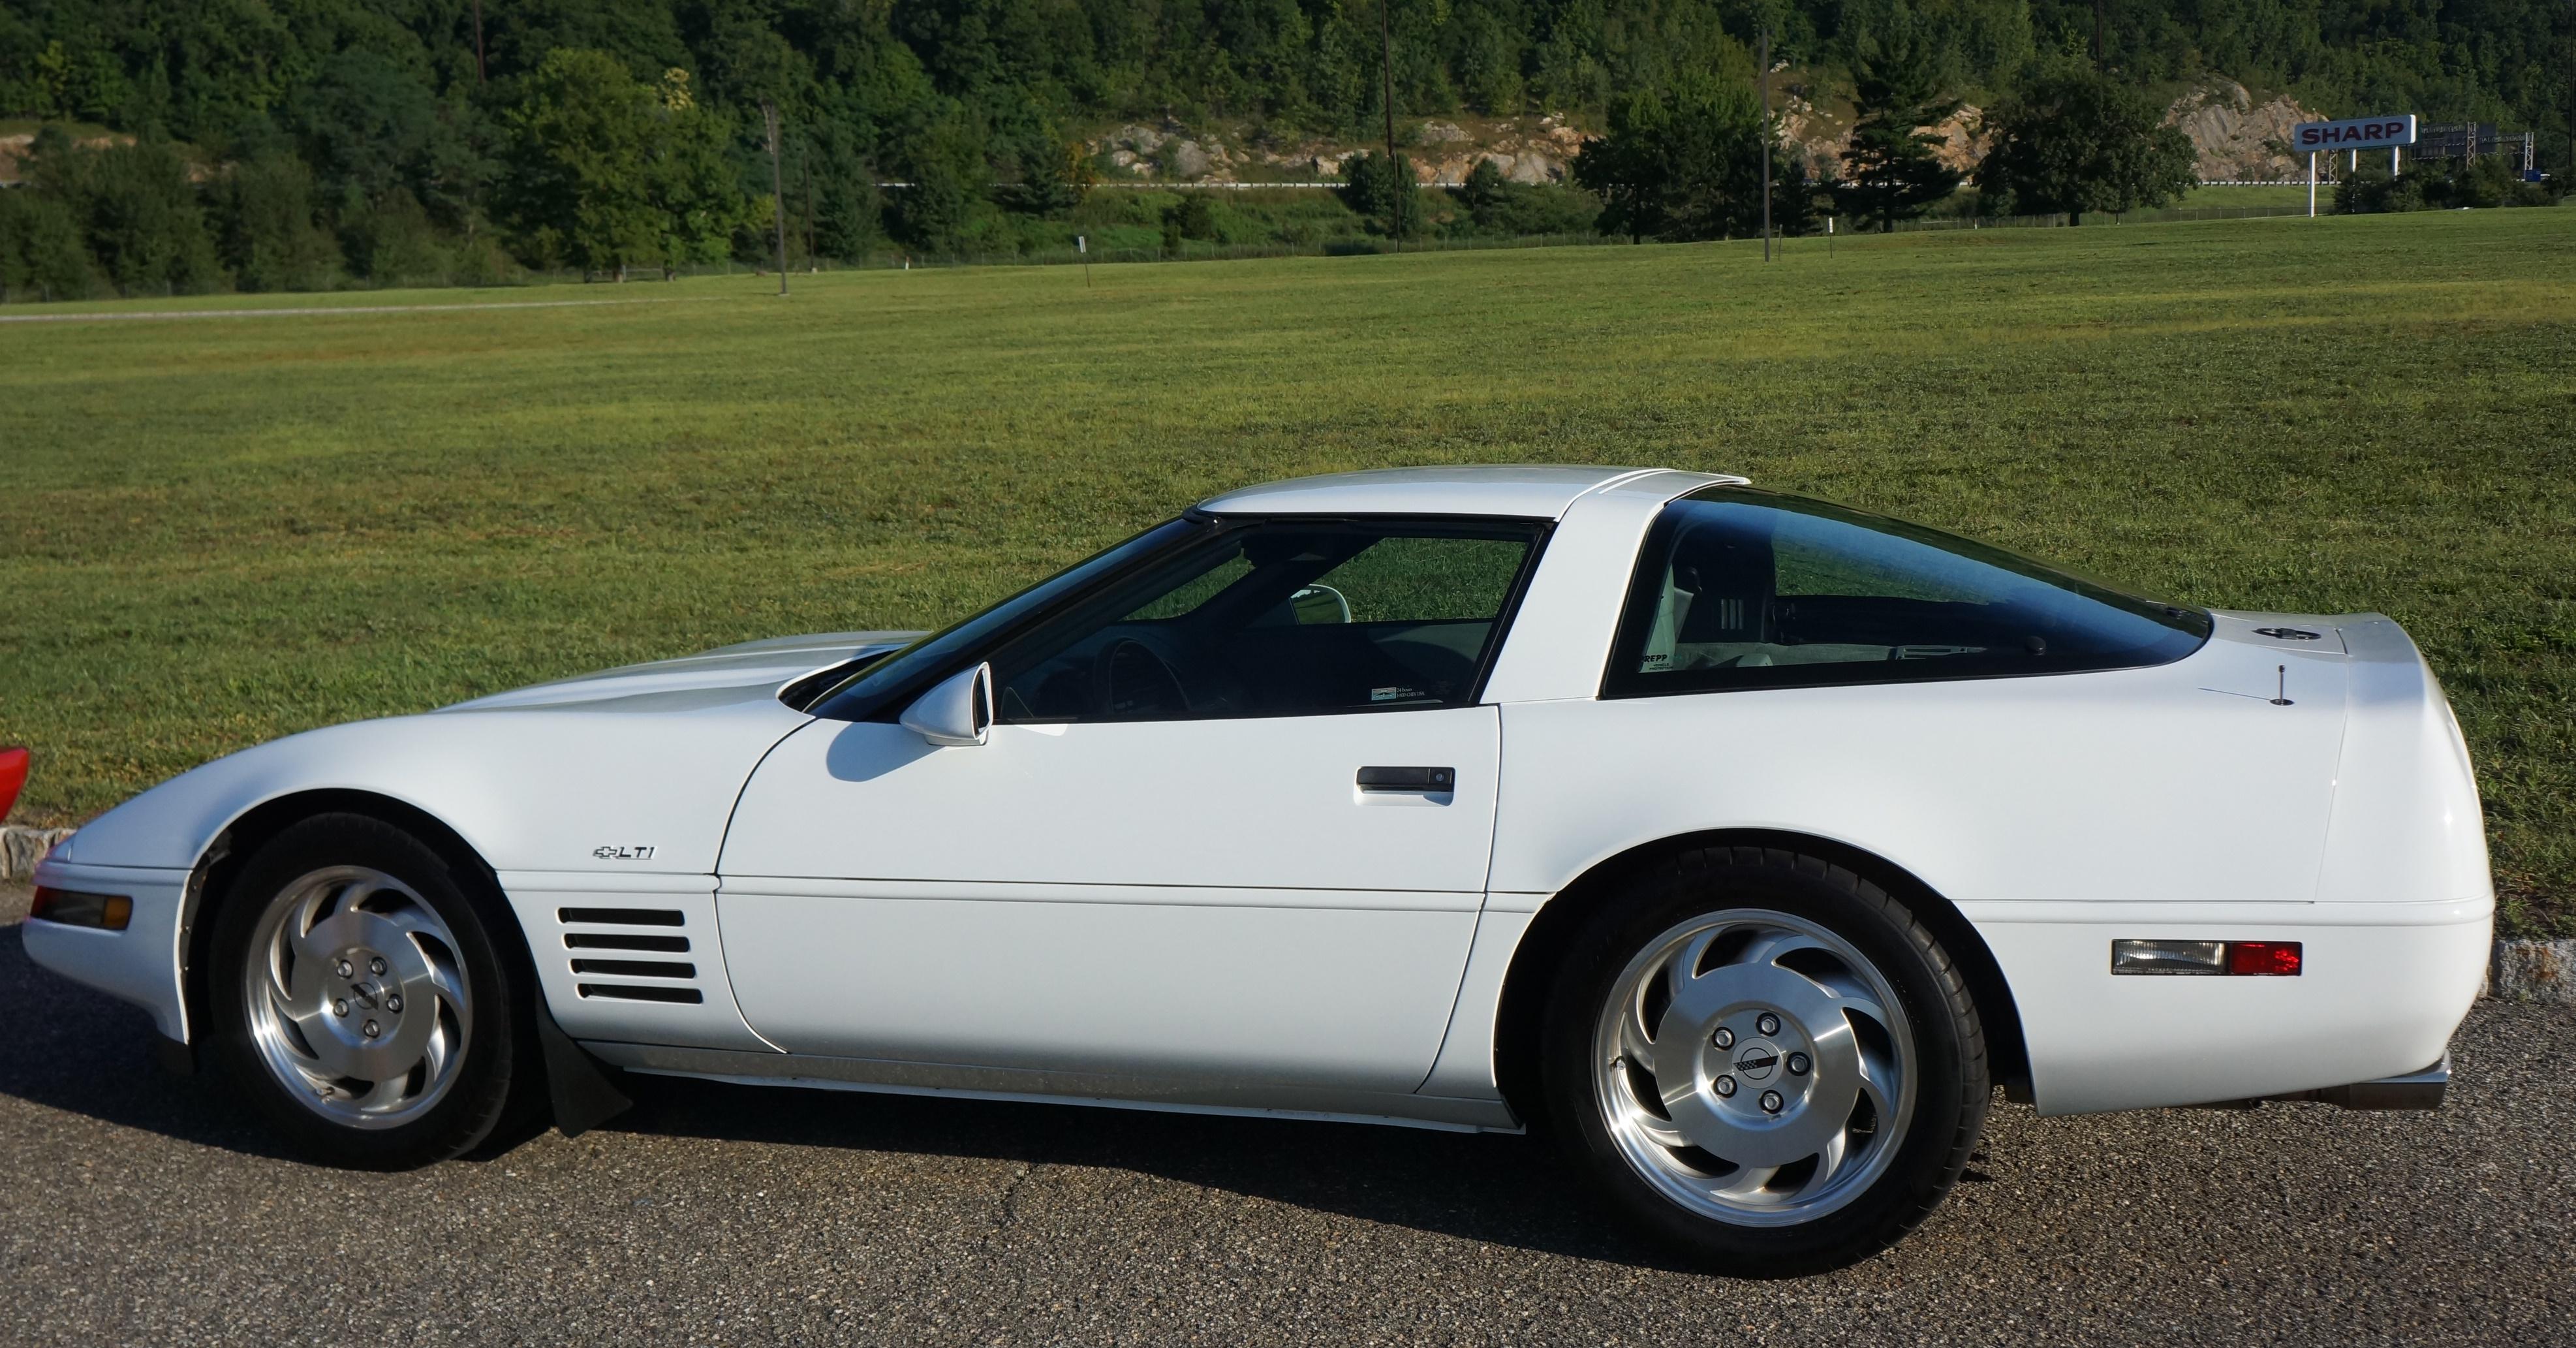 Ron's C4 Chevy Corvette